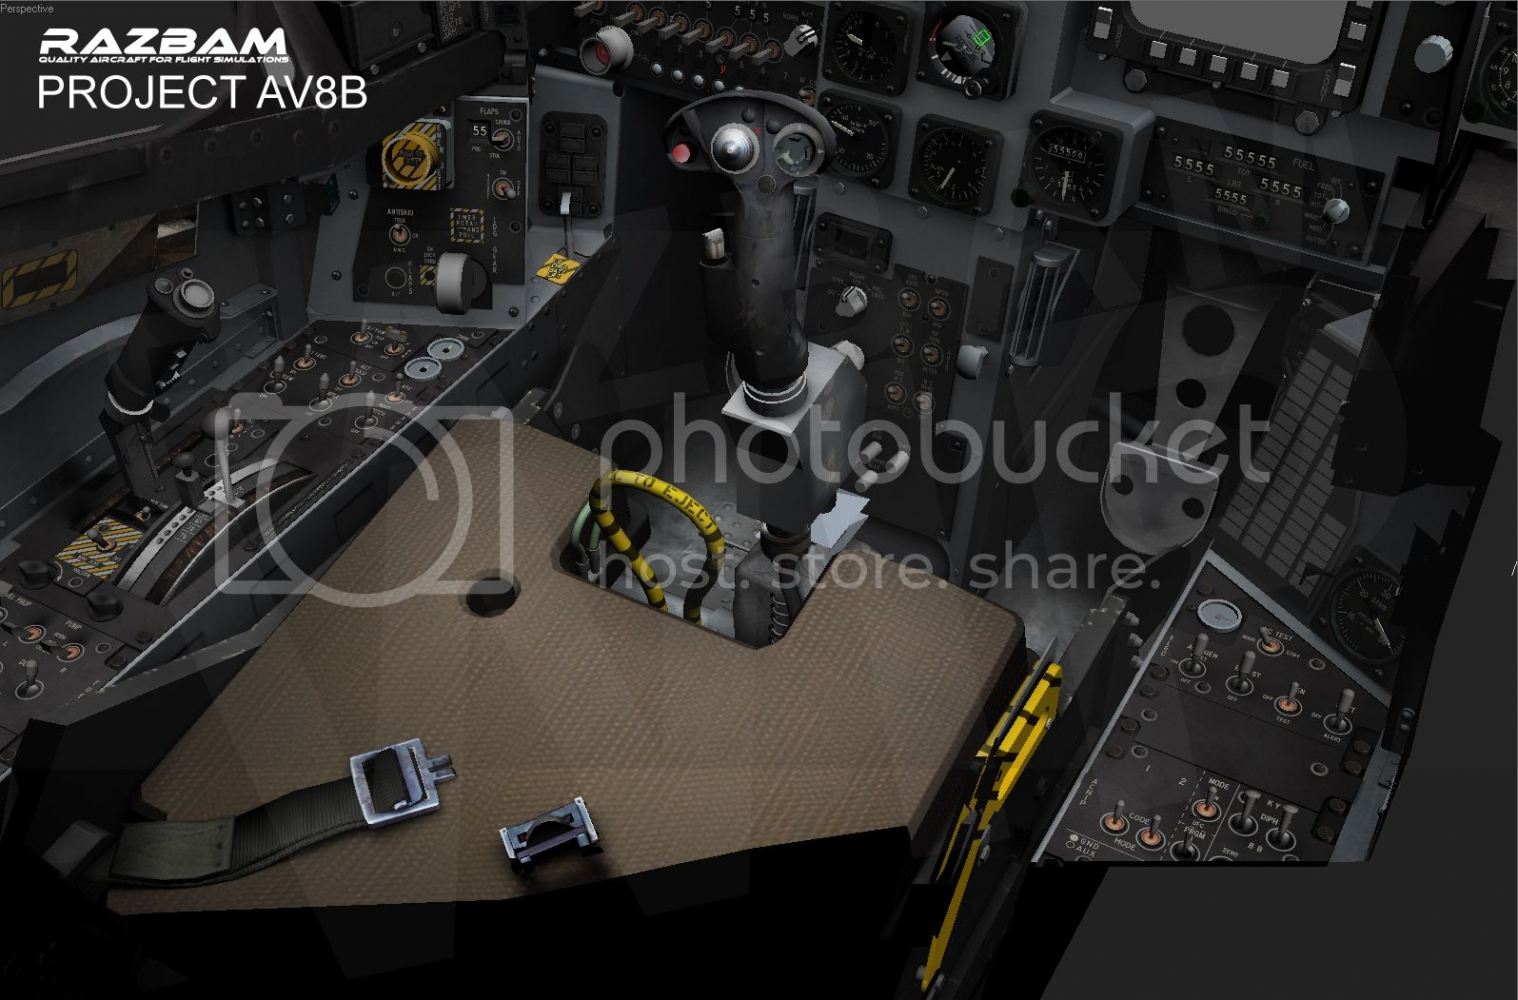 screen_DEV15_harrier1.jpg